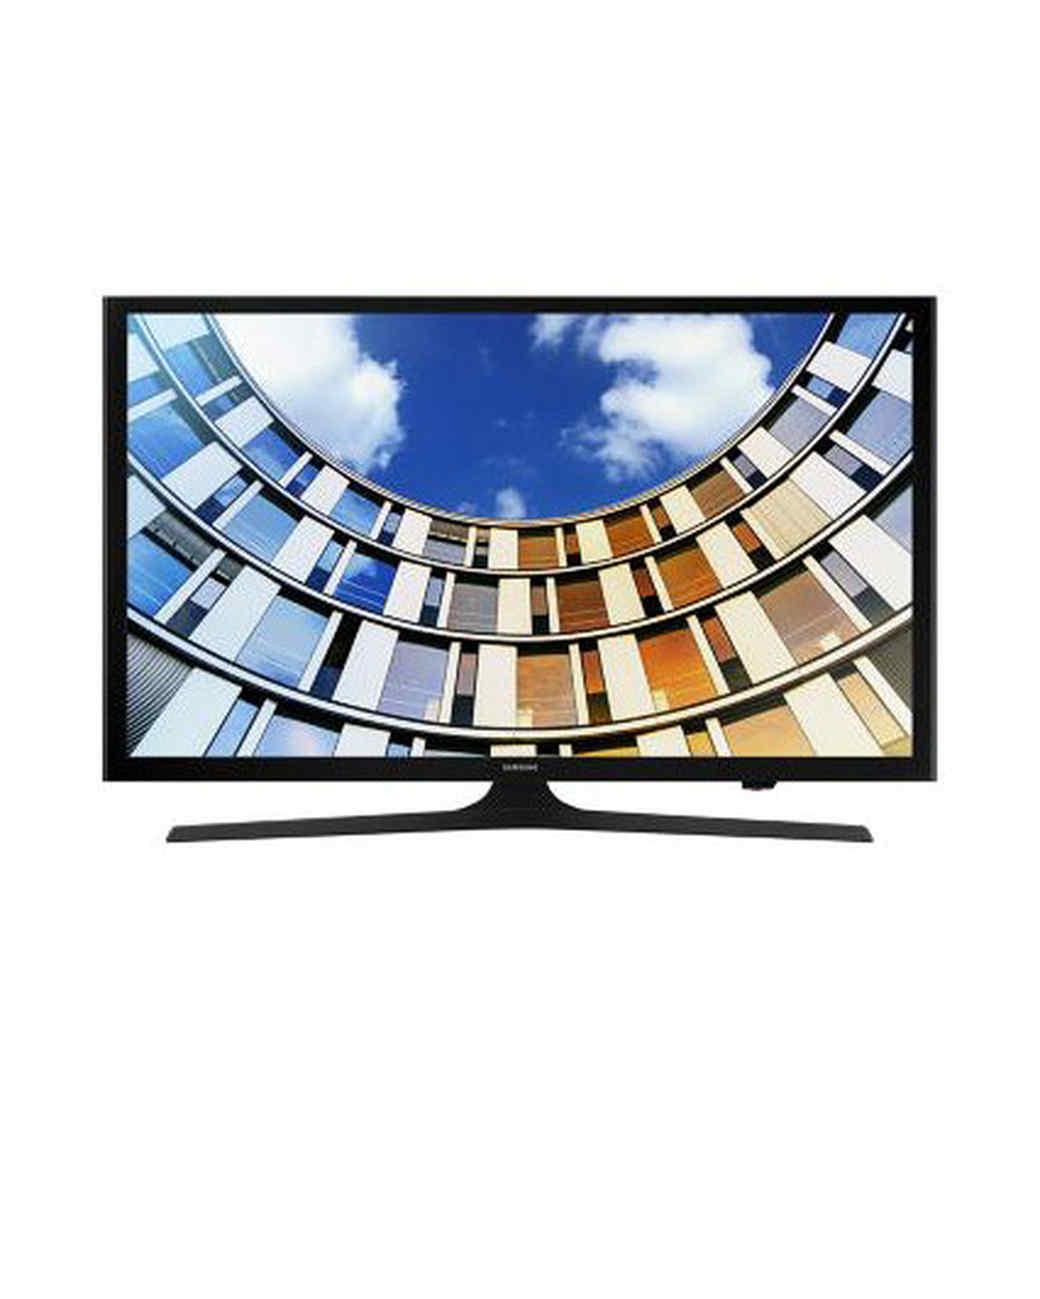 Samsung 40-Inch Smart LED TV